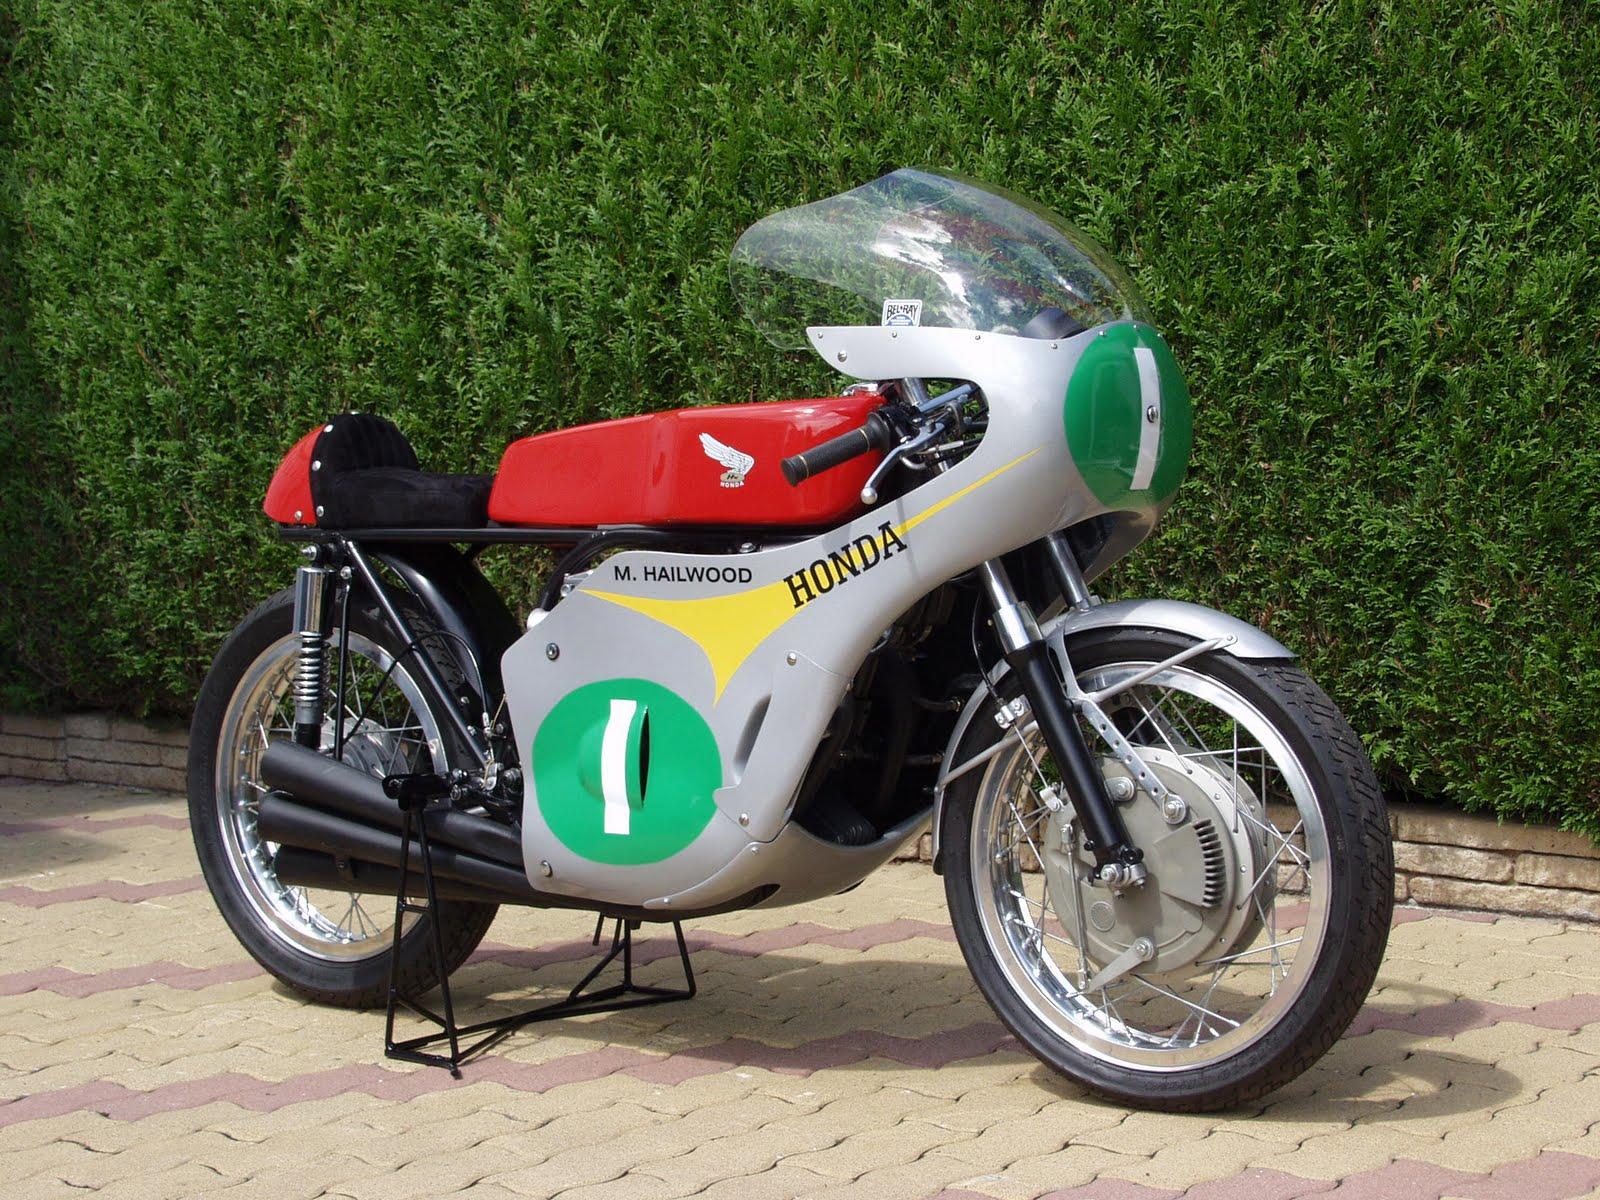 Réplique de Honda RC 166 P1030058